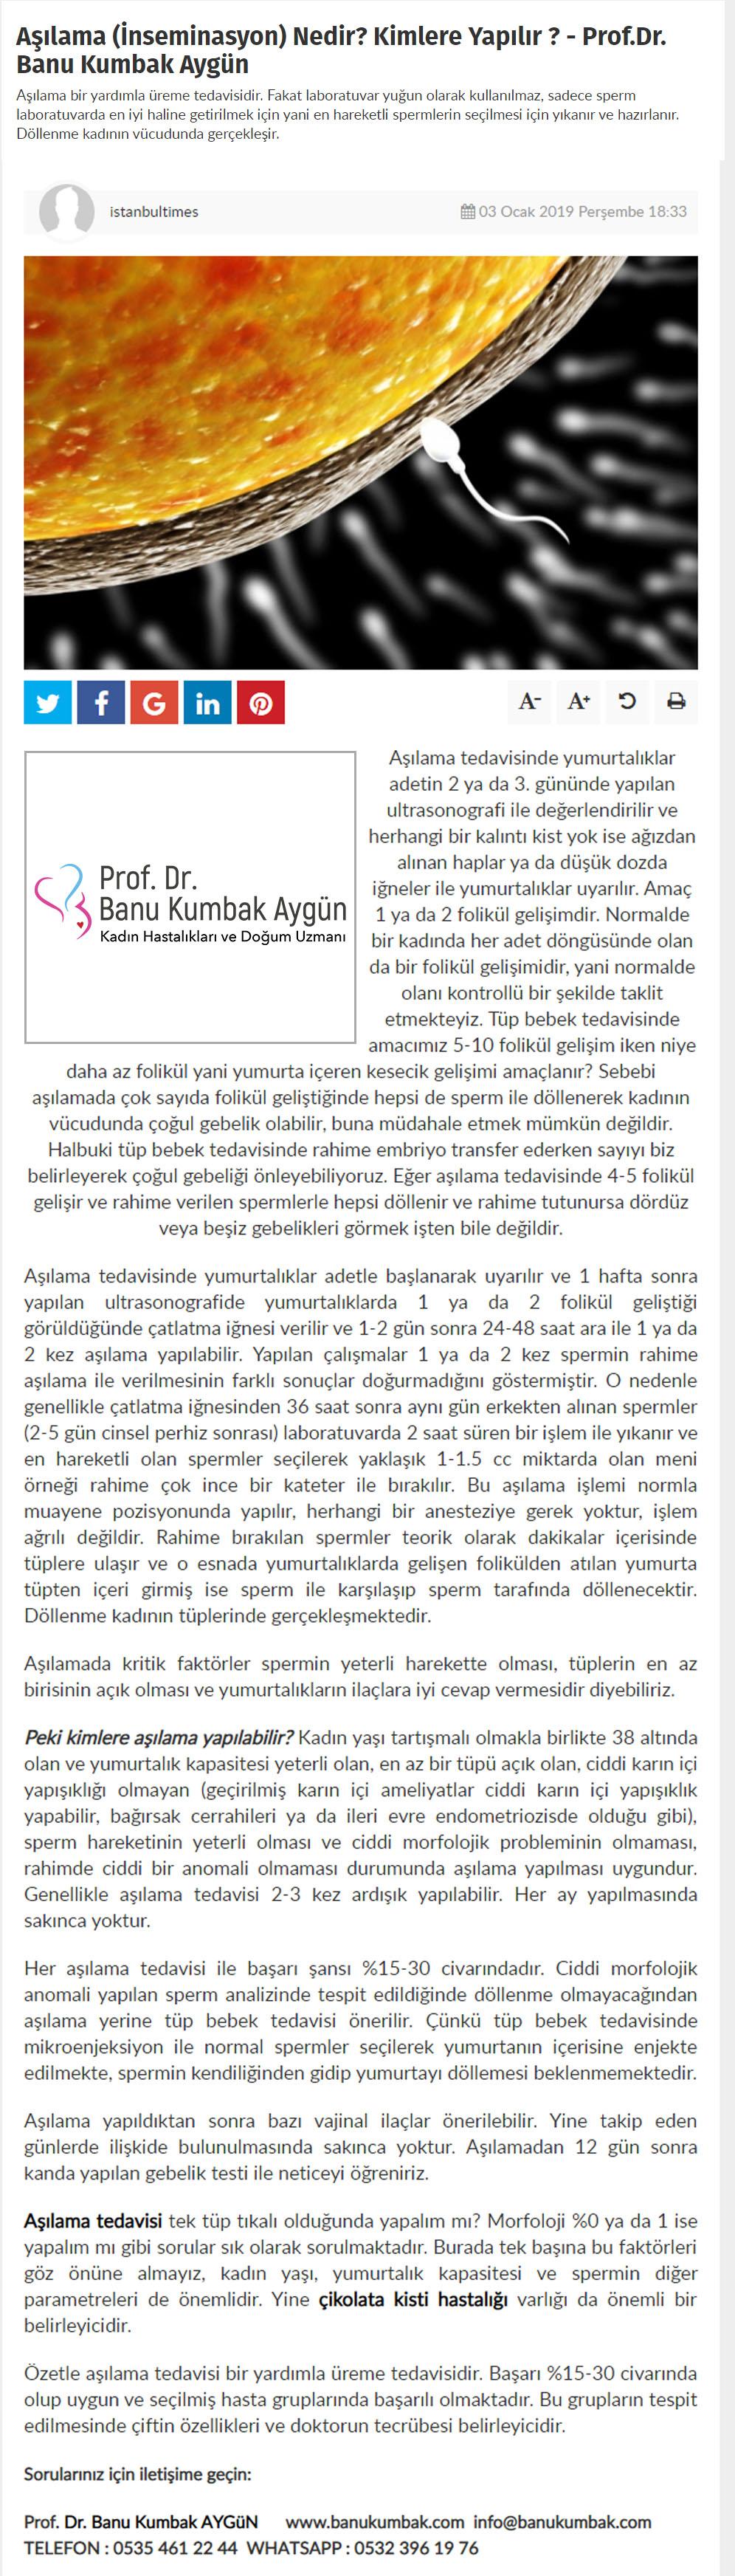 istanbultimes.com.tr - Aşılama (İnseminasyon) Nedir? Kimlere Yapılır ? - Ocak - 2019 3